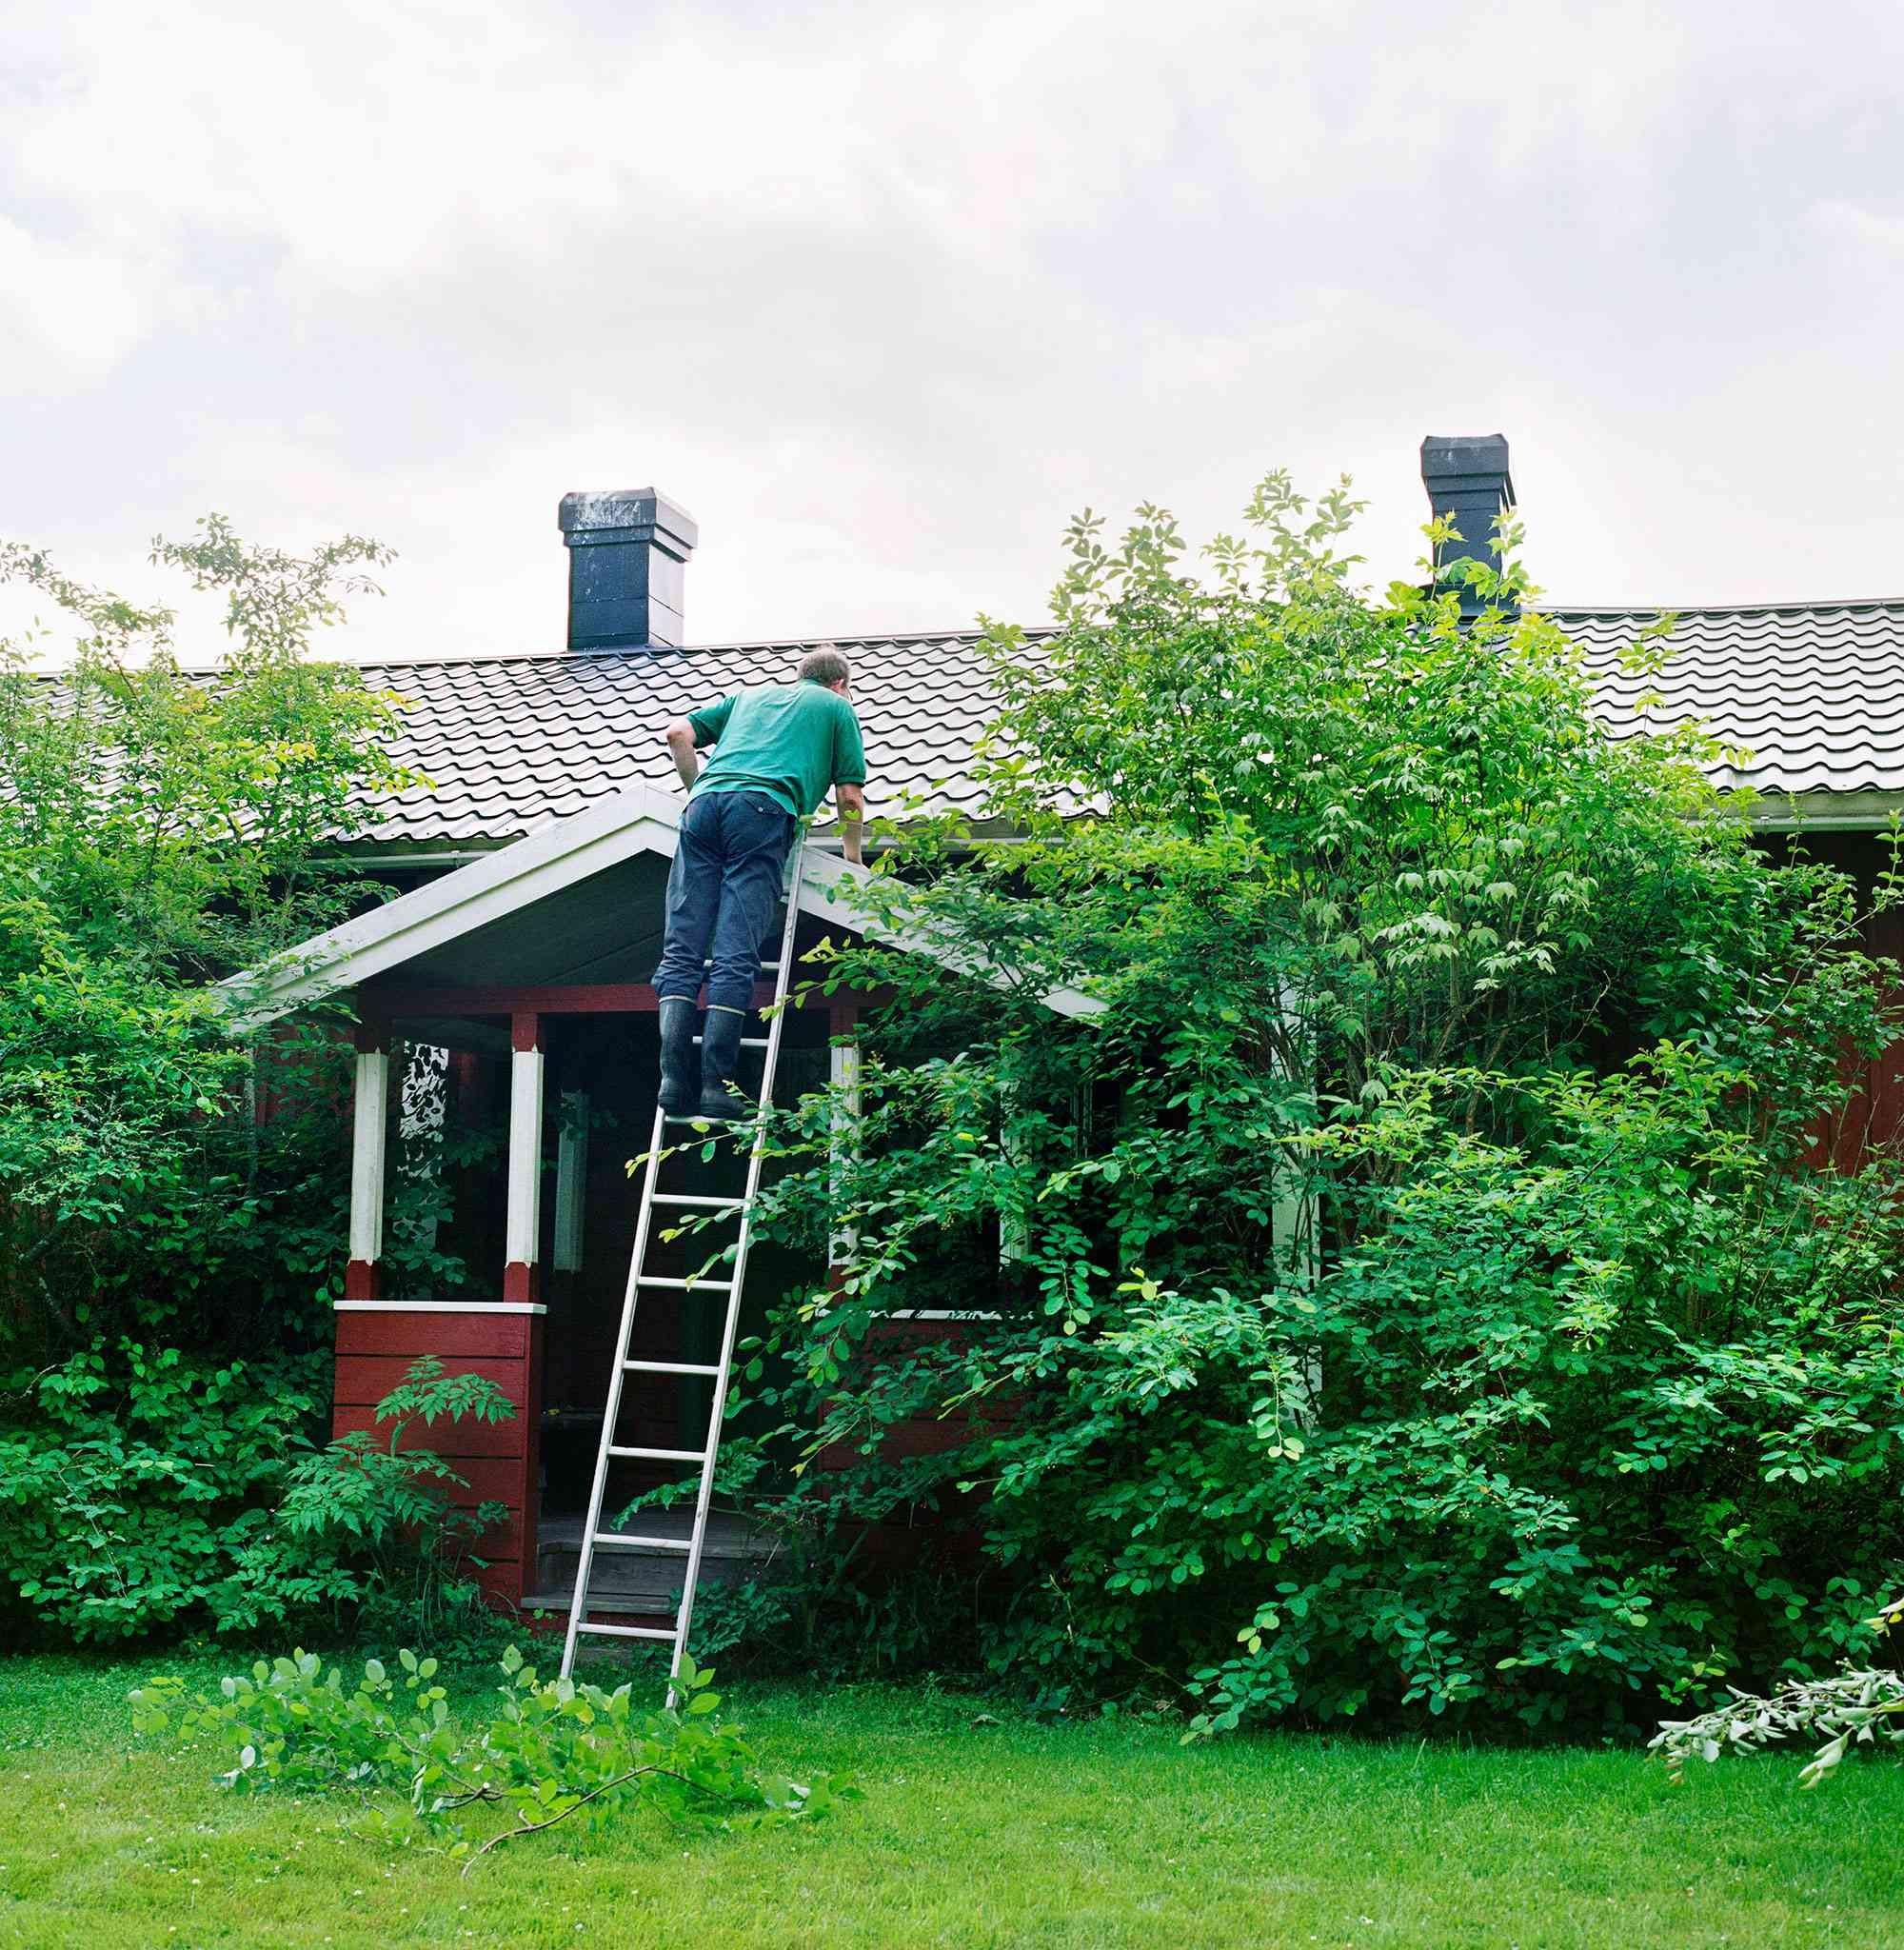 Man-climbing-roof-ladder-GettyImages-108440990-b33a0d8fc0f0433eada85d893f892a74